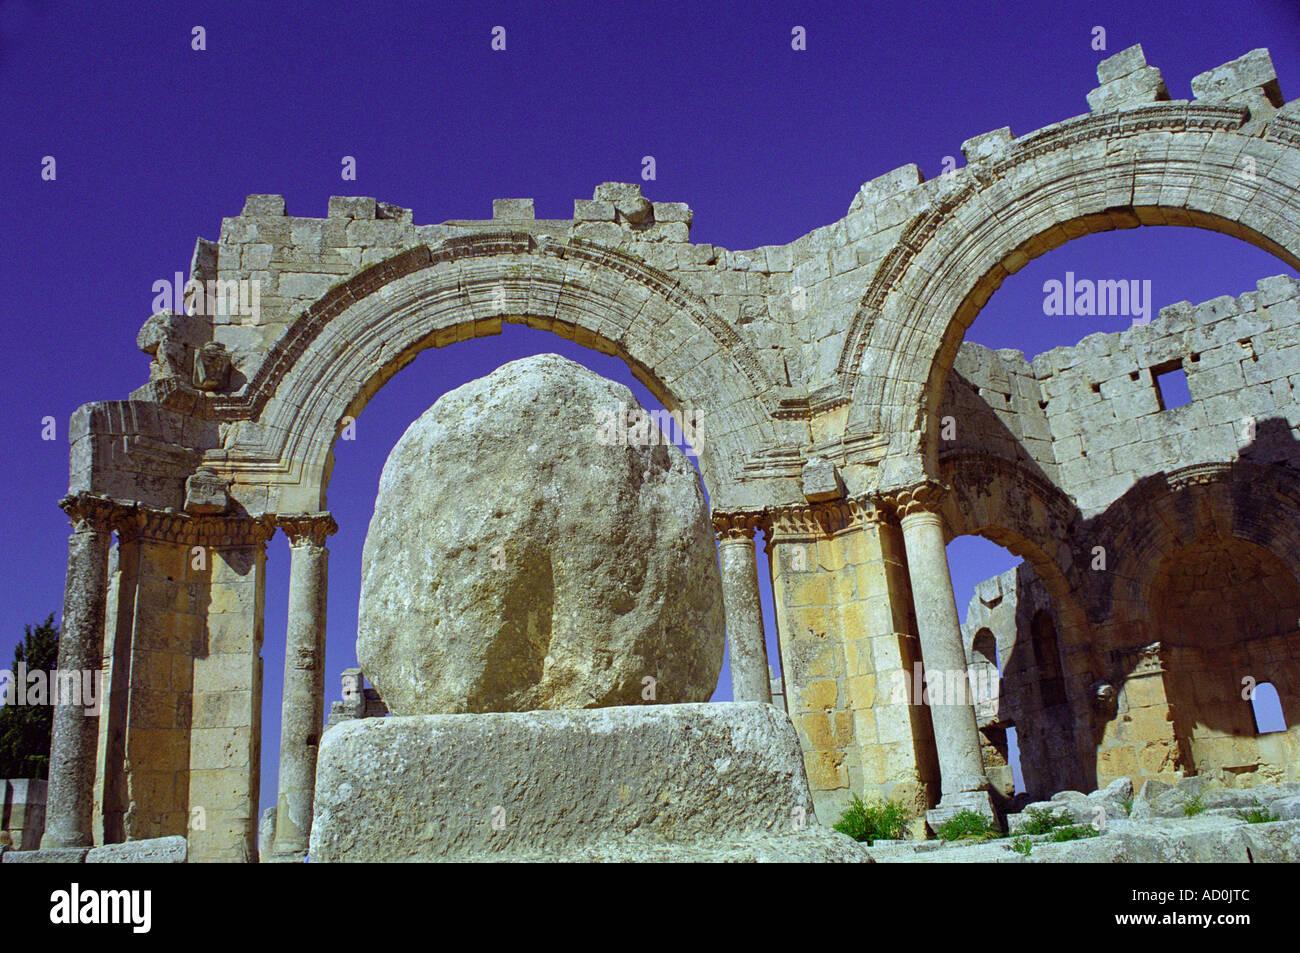 Qala'at Samaan - Aleppo, SYRIA - Stock Image